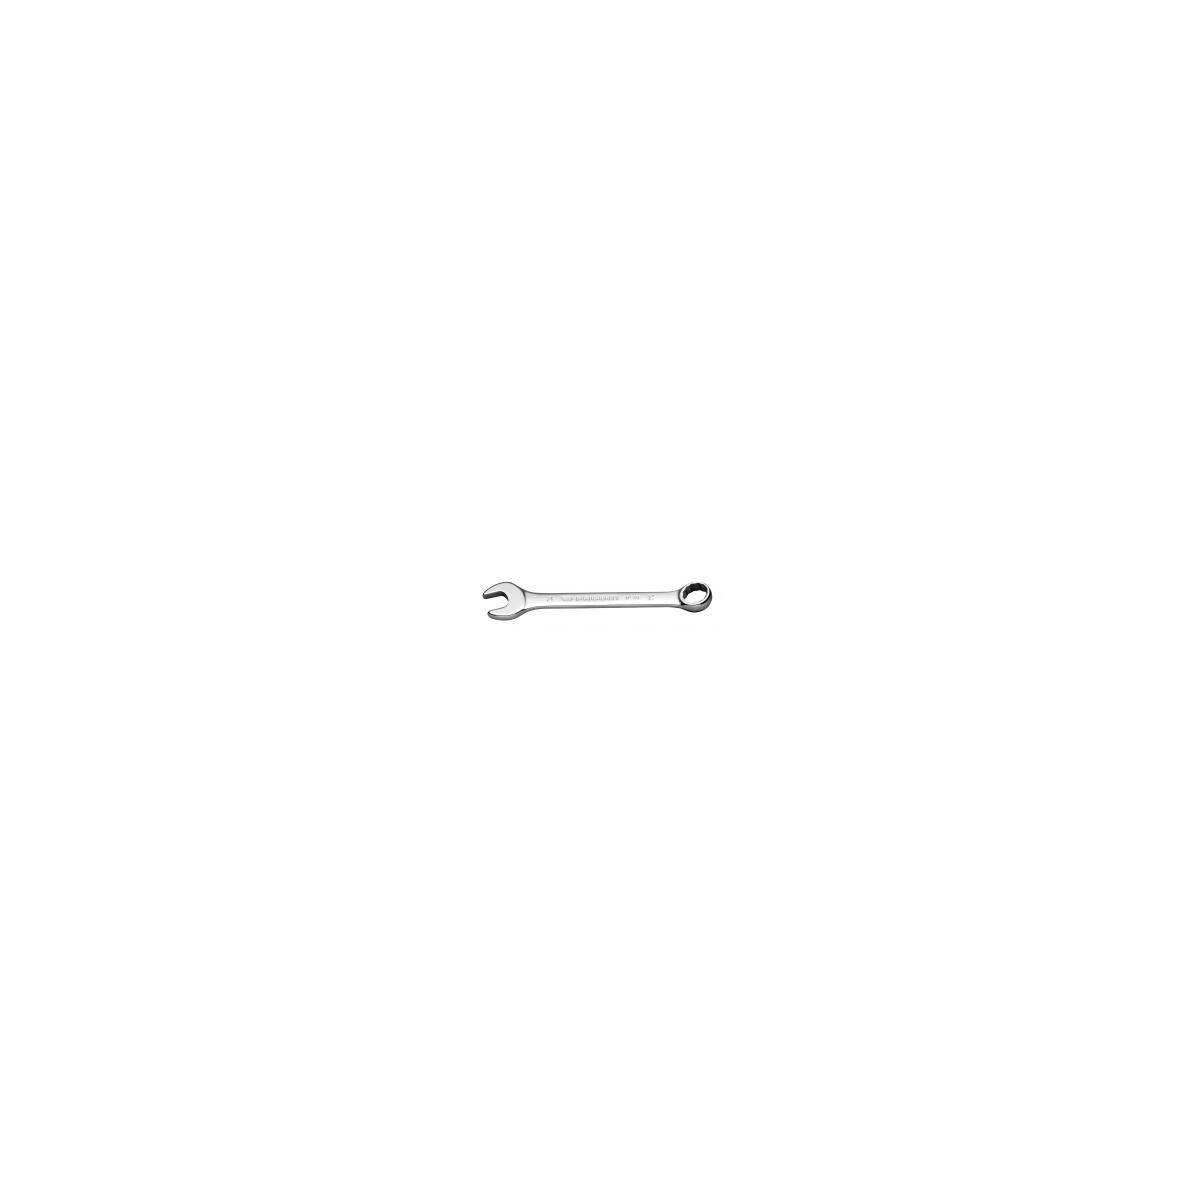 Facom 39.5,5H/Cl/é mixte courte 6/pans 5,5/mm